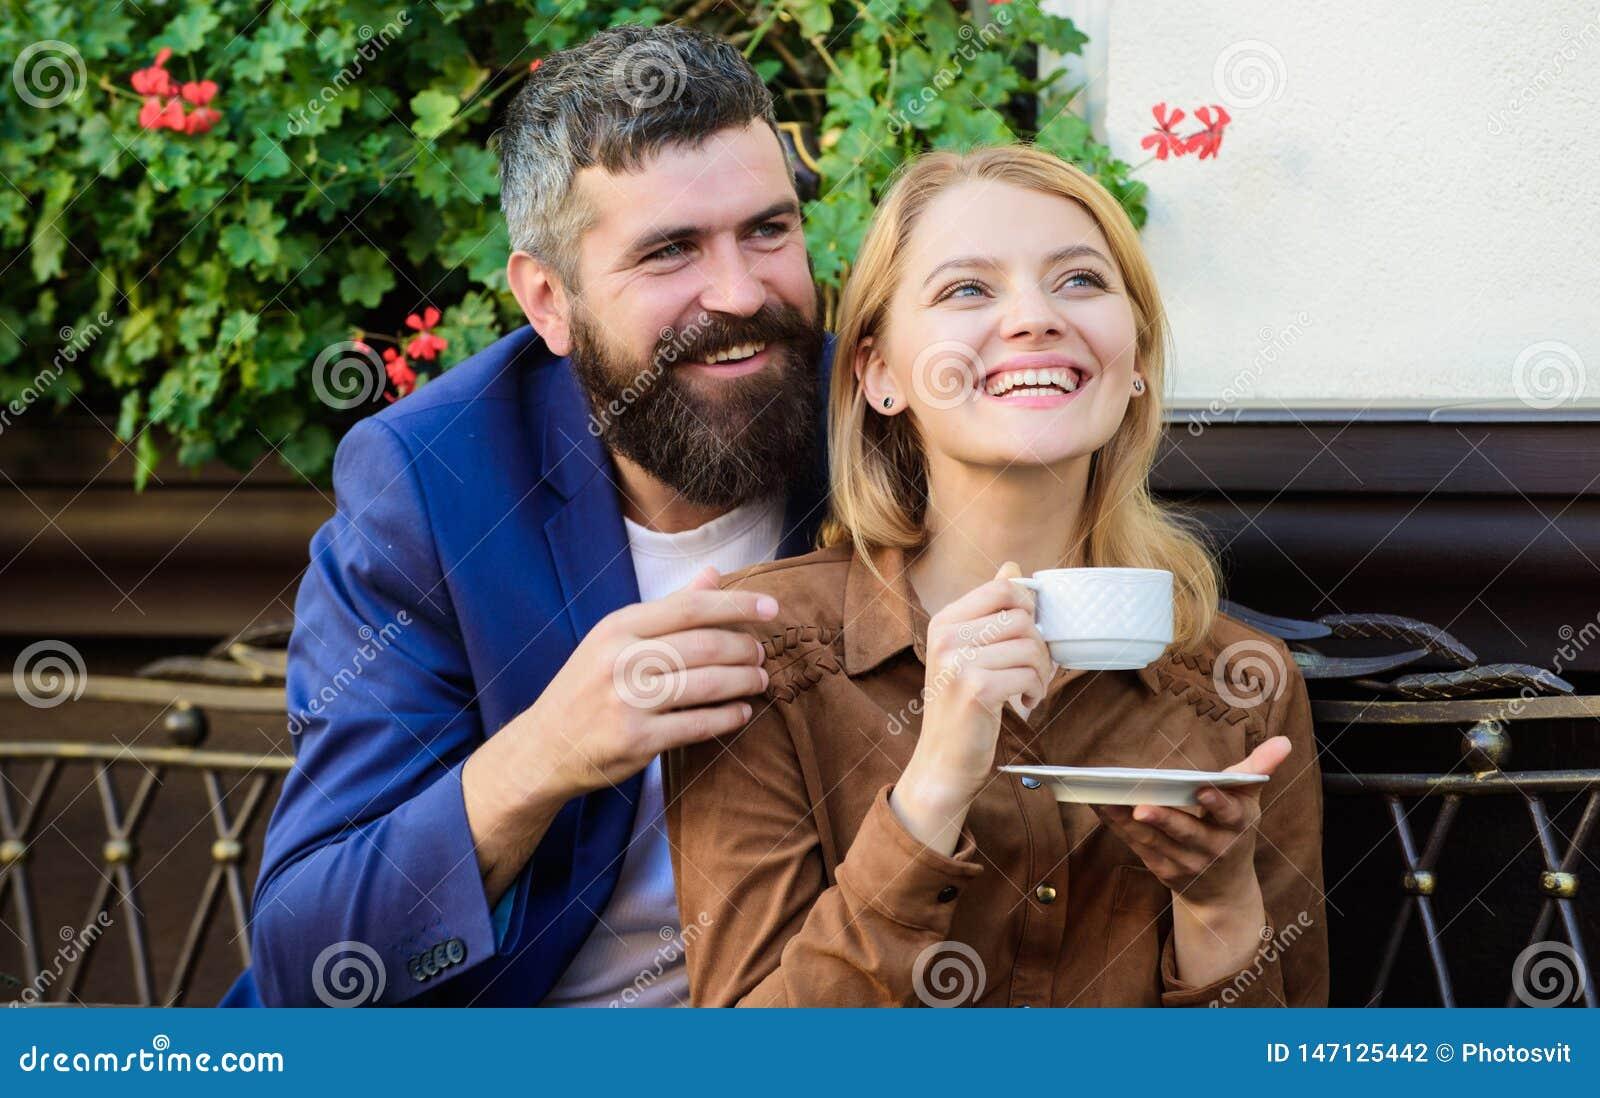 Πεζούλι καφέδων αγκαλιάς ζεύγους Το ζεύγος ερωτευμένο κάθεται το πεζούλι καφέδων αγκαλιάσματος απολαμβάνει τον καφέ Ευχάριστο οικ